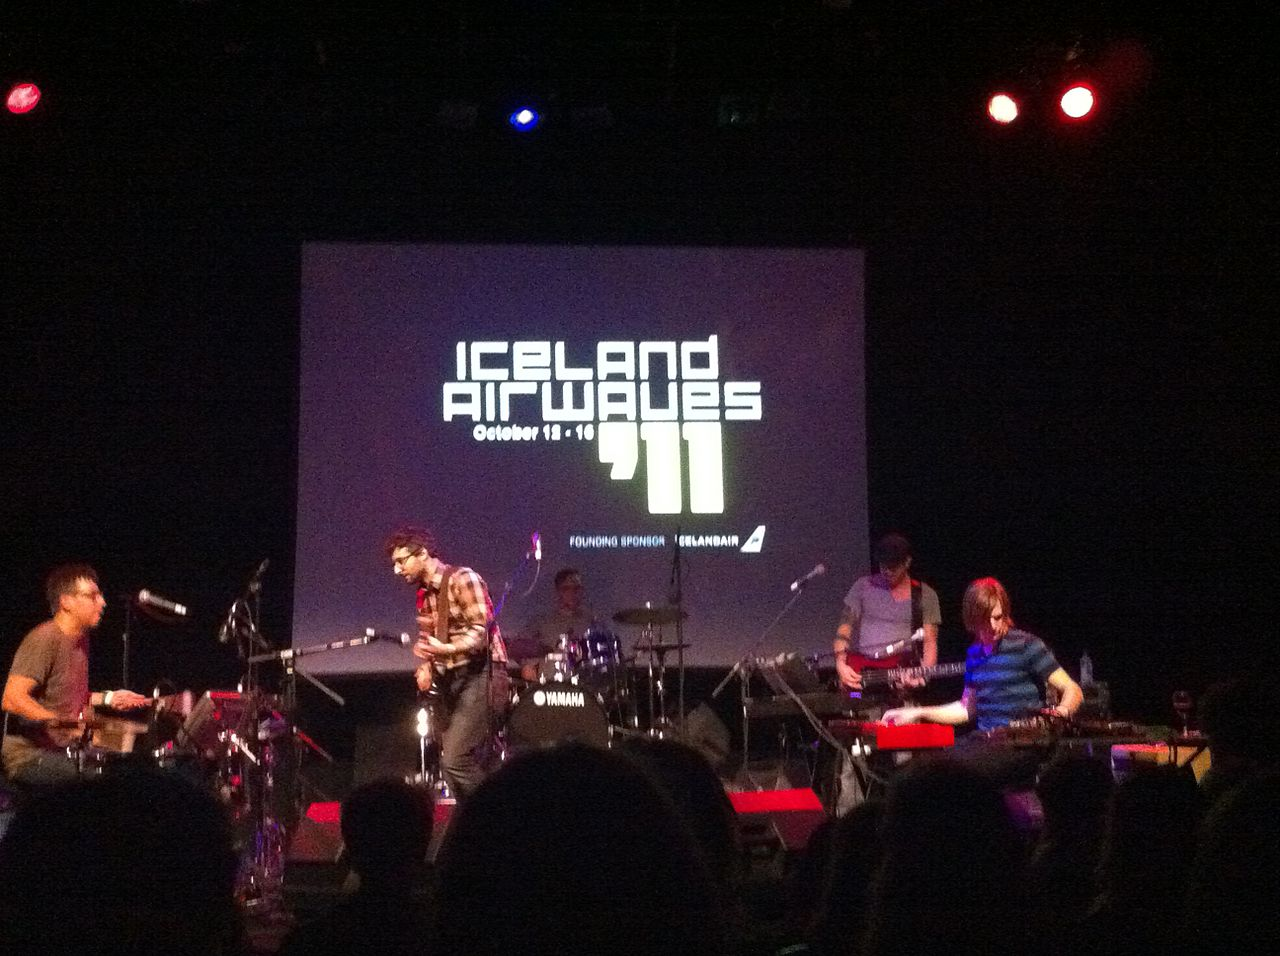 Iceland Airwaves Festival 2016 - Karkwa at Airwaves 2011